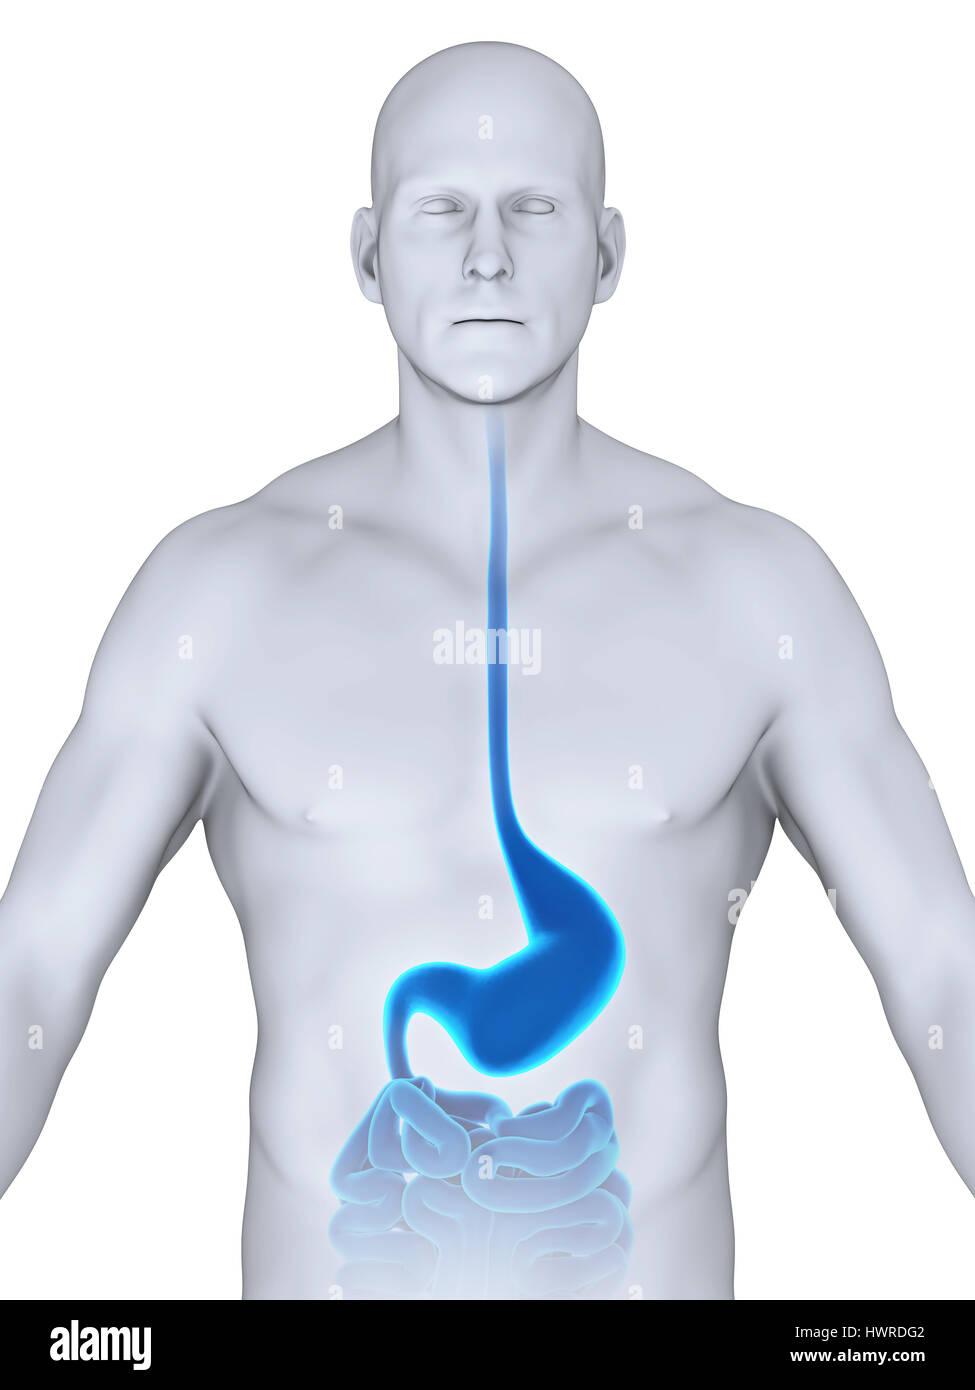 Anatomía del estómago humano Foto & Imagen De Stock: 136354514 - Alamy